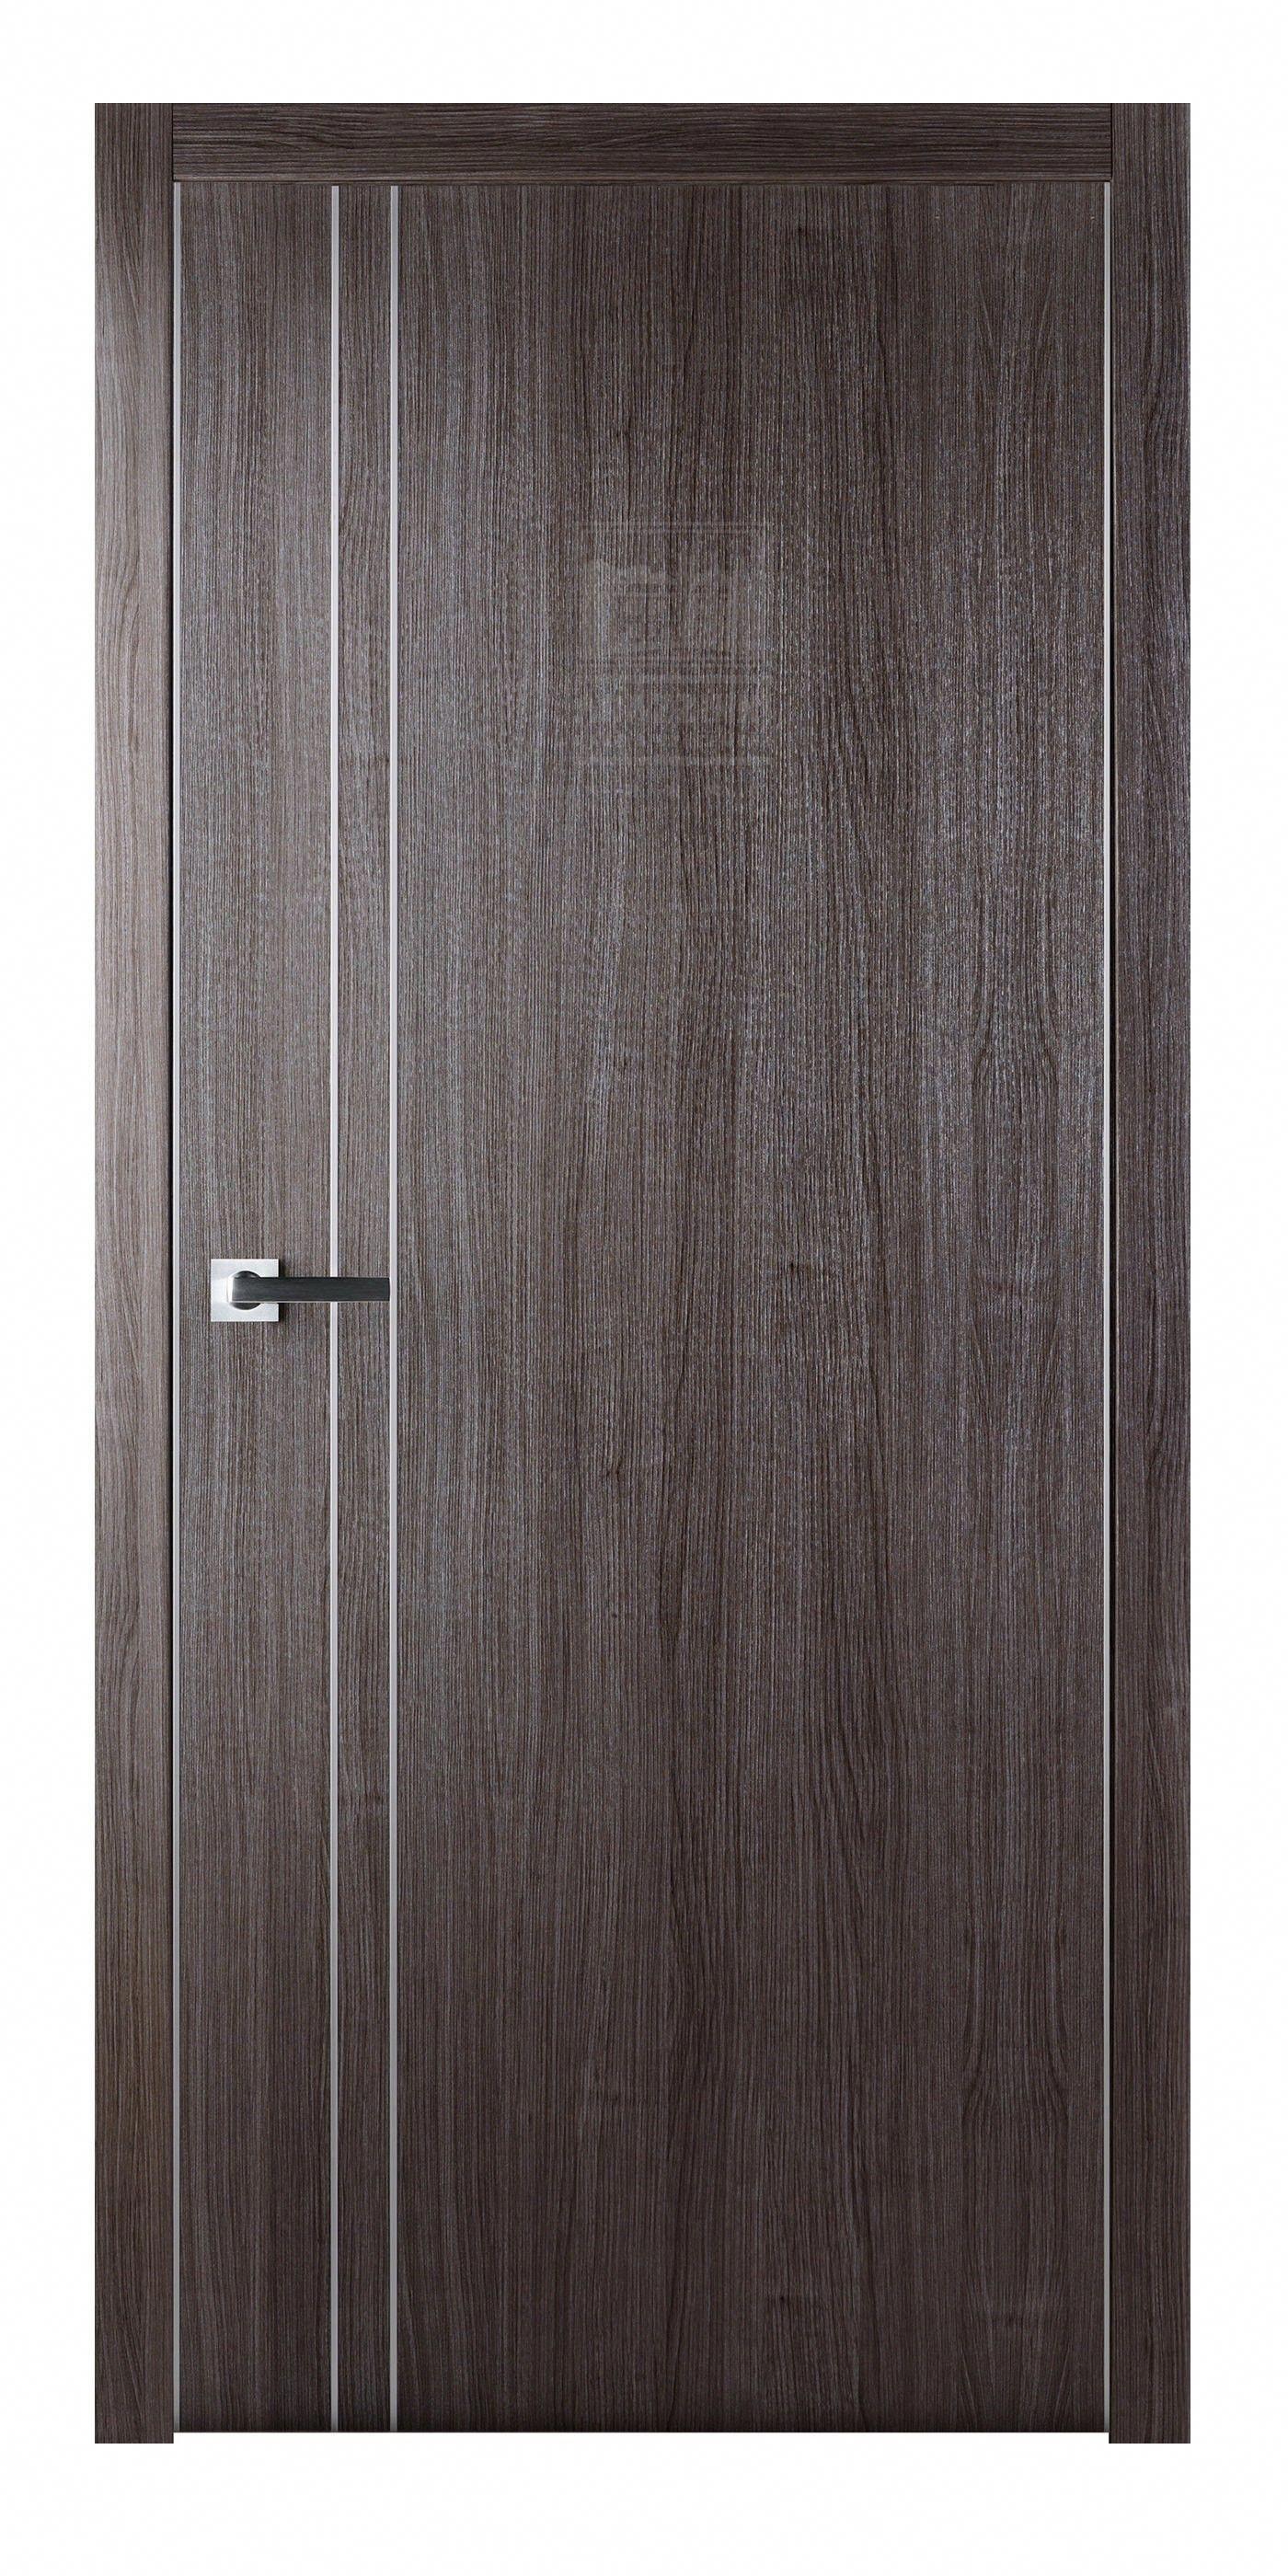 6 Panel Interior Doors Indoor House Doors Internal Oak Doors Sale 20190304 Doors Interior Modern Doors Interior Wood Doors Interior